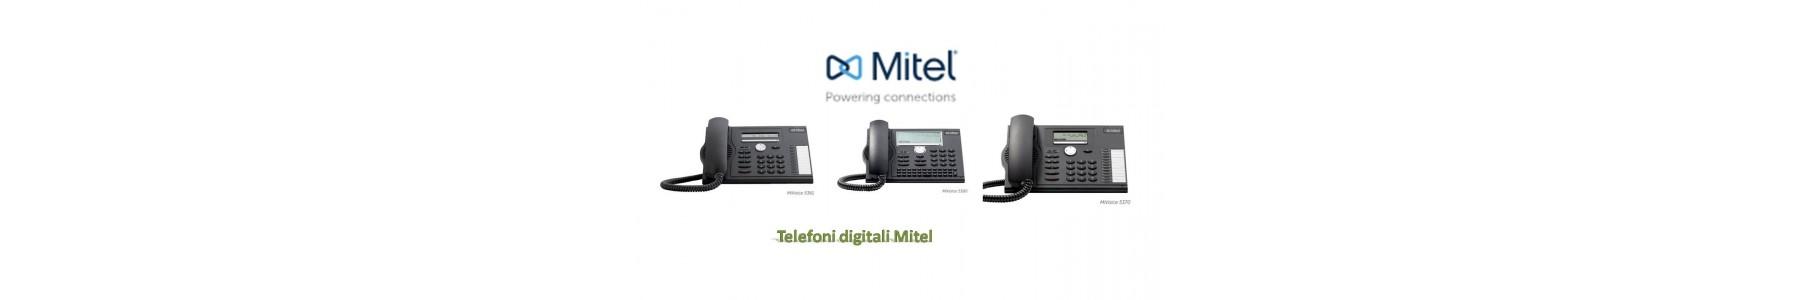 Telefoni Digitali Mitel